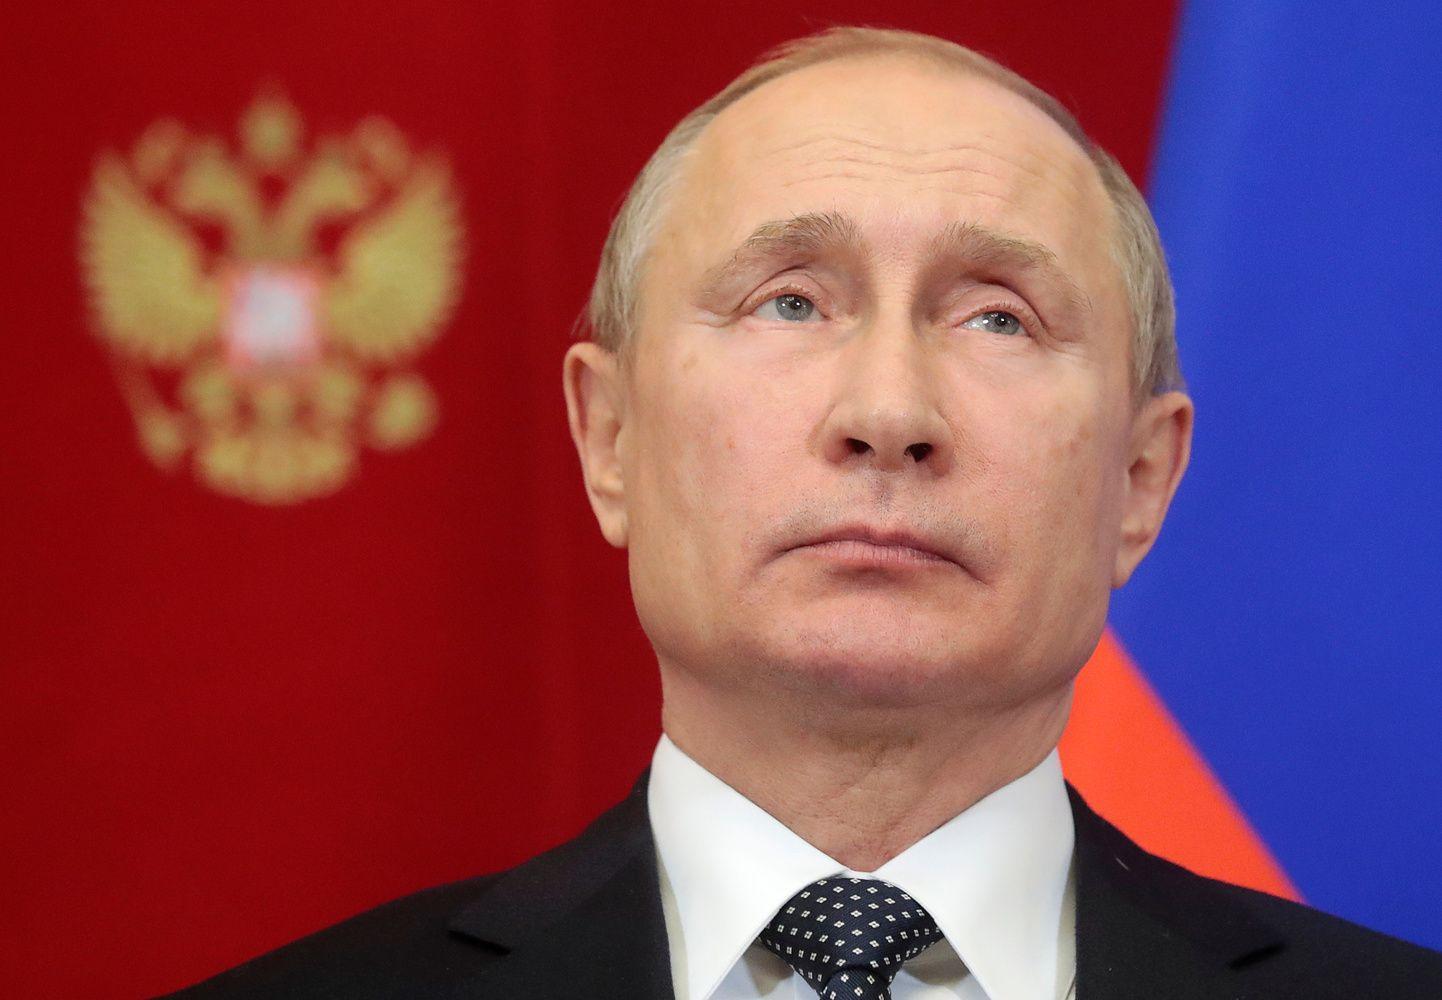 Sankcijos Rusijai: kodėl izoliacija neįmanoma?